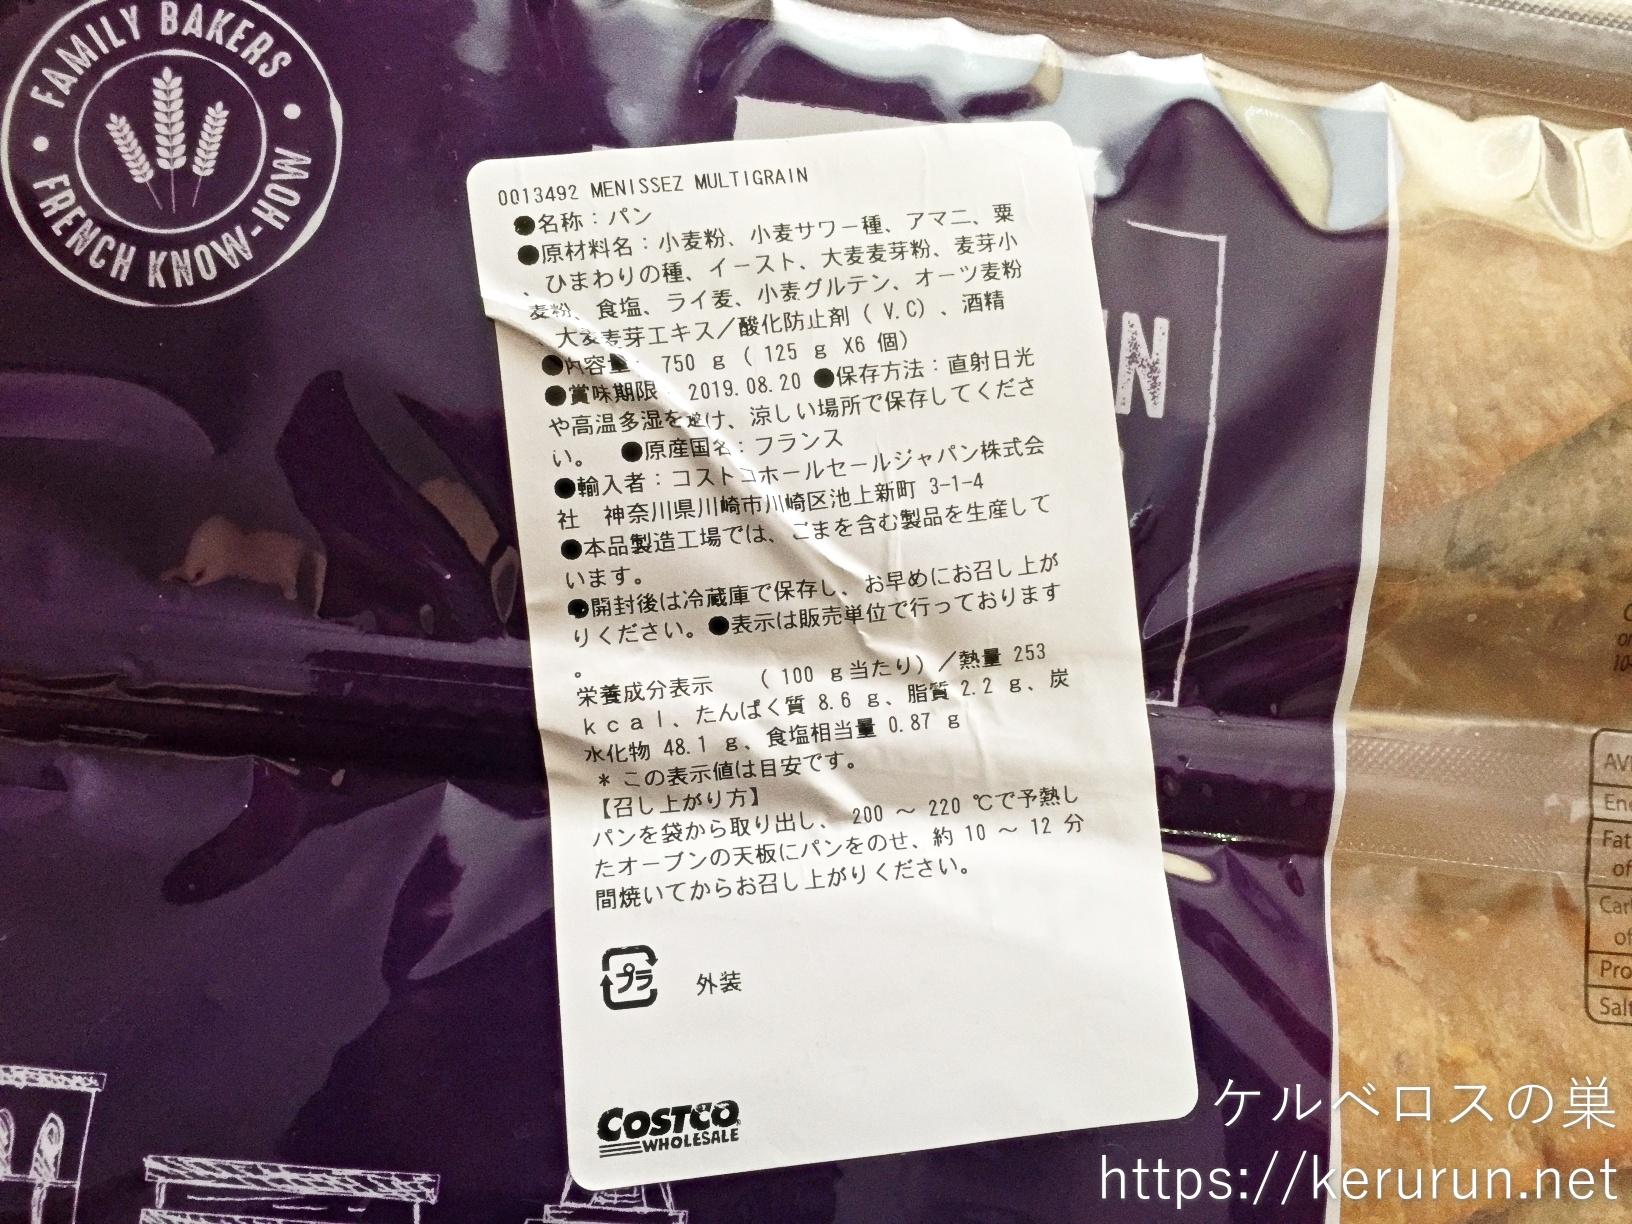 【コストコ】メニセーズ マルチグレインバゲット